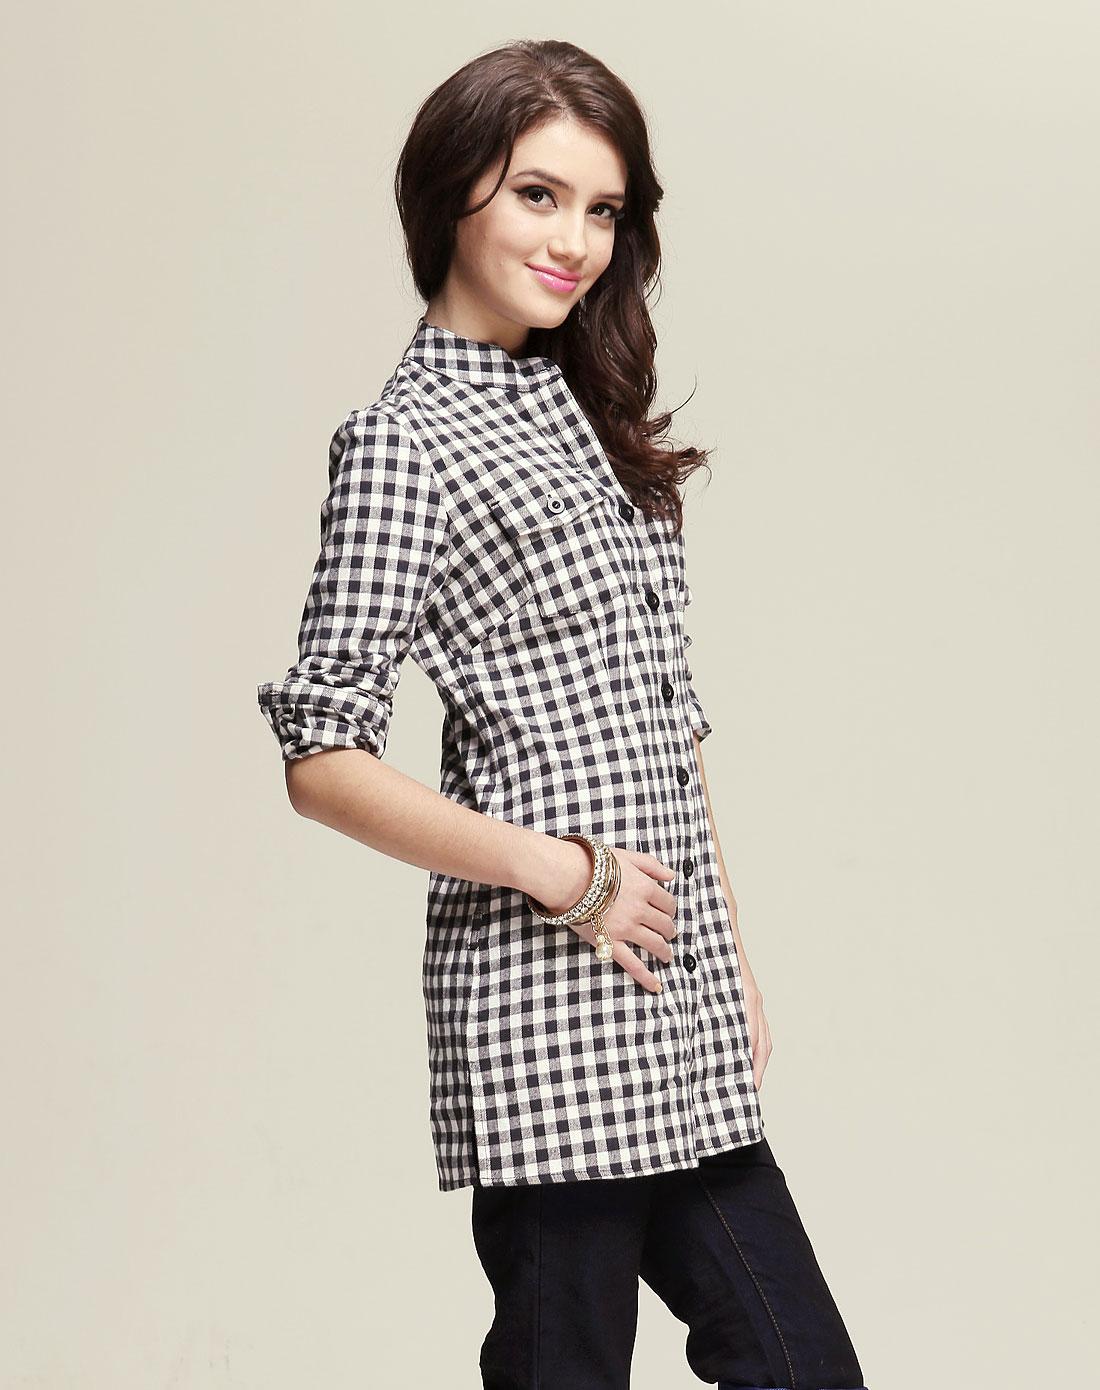 黑/灰白色长袖格子衬衫